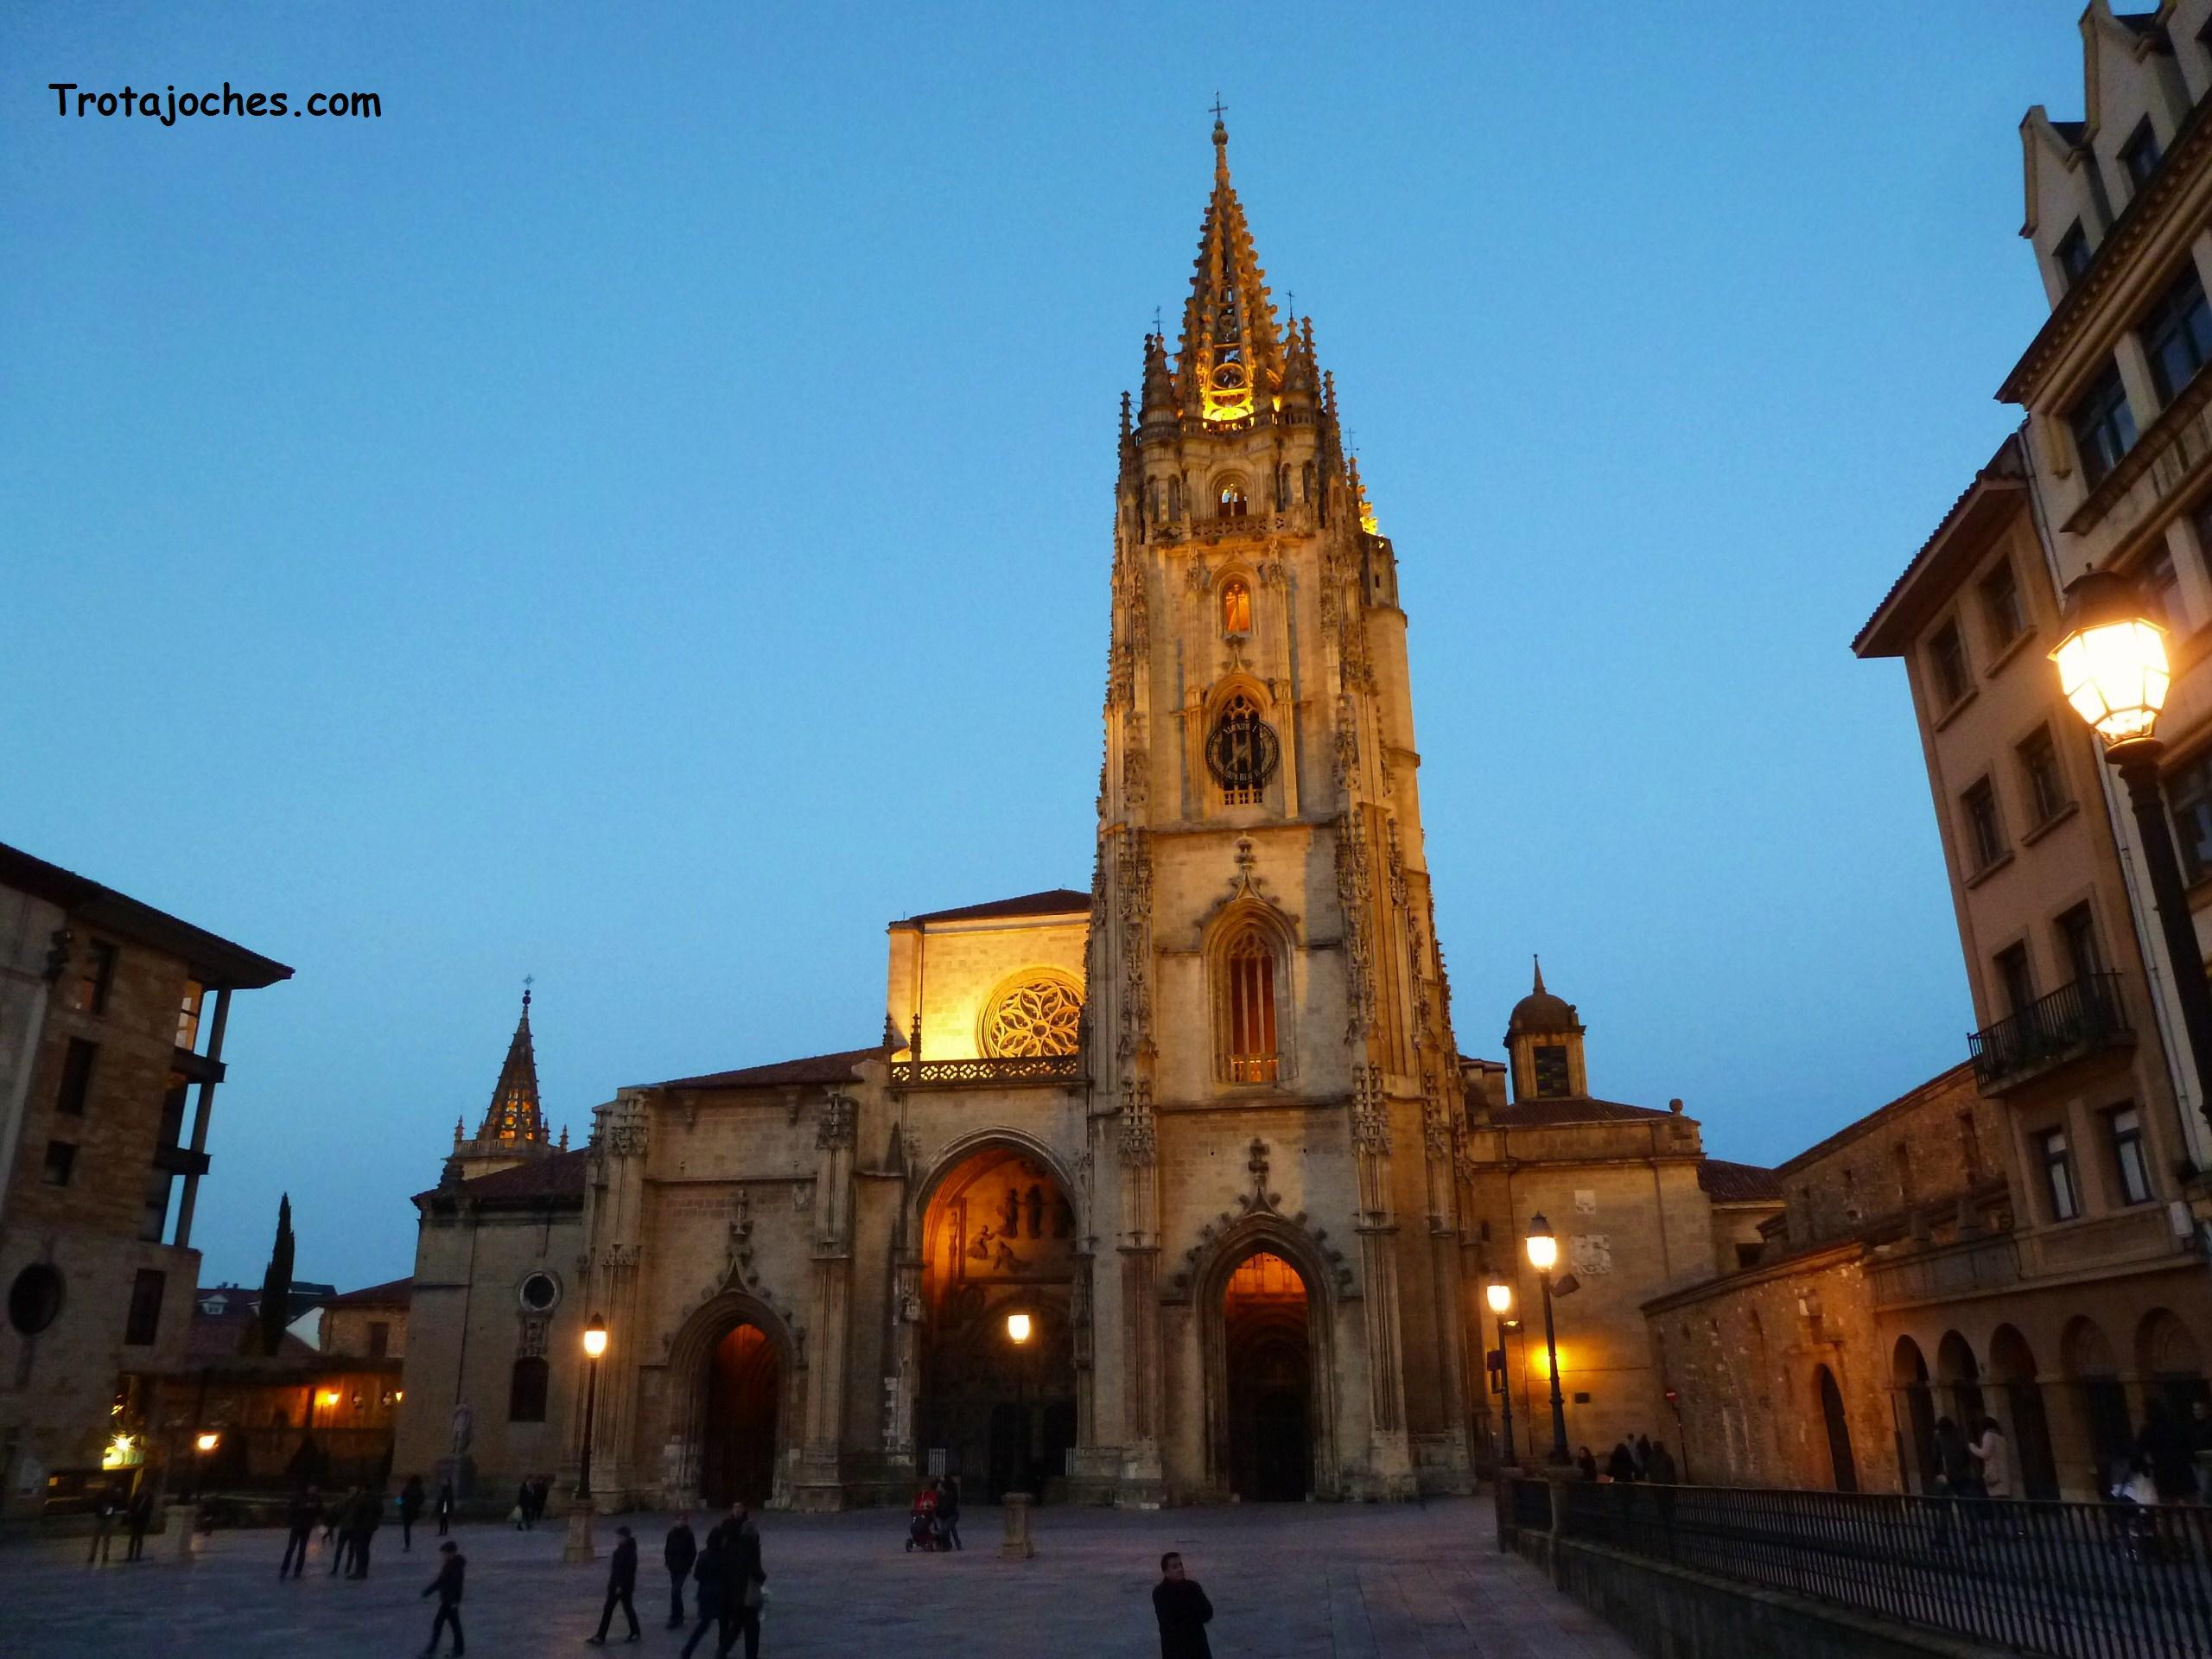 La catedral de Oviedo vista desde la plaza